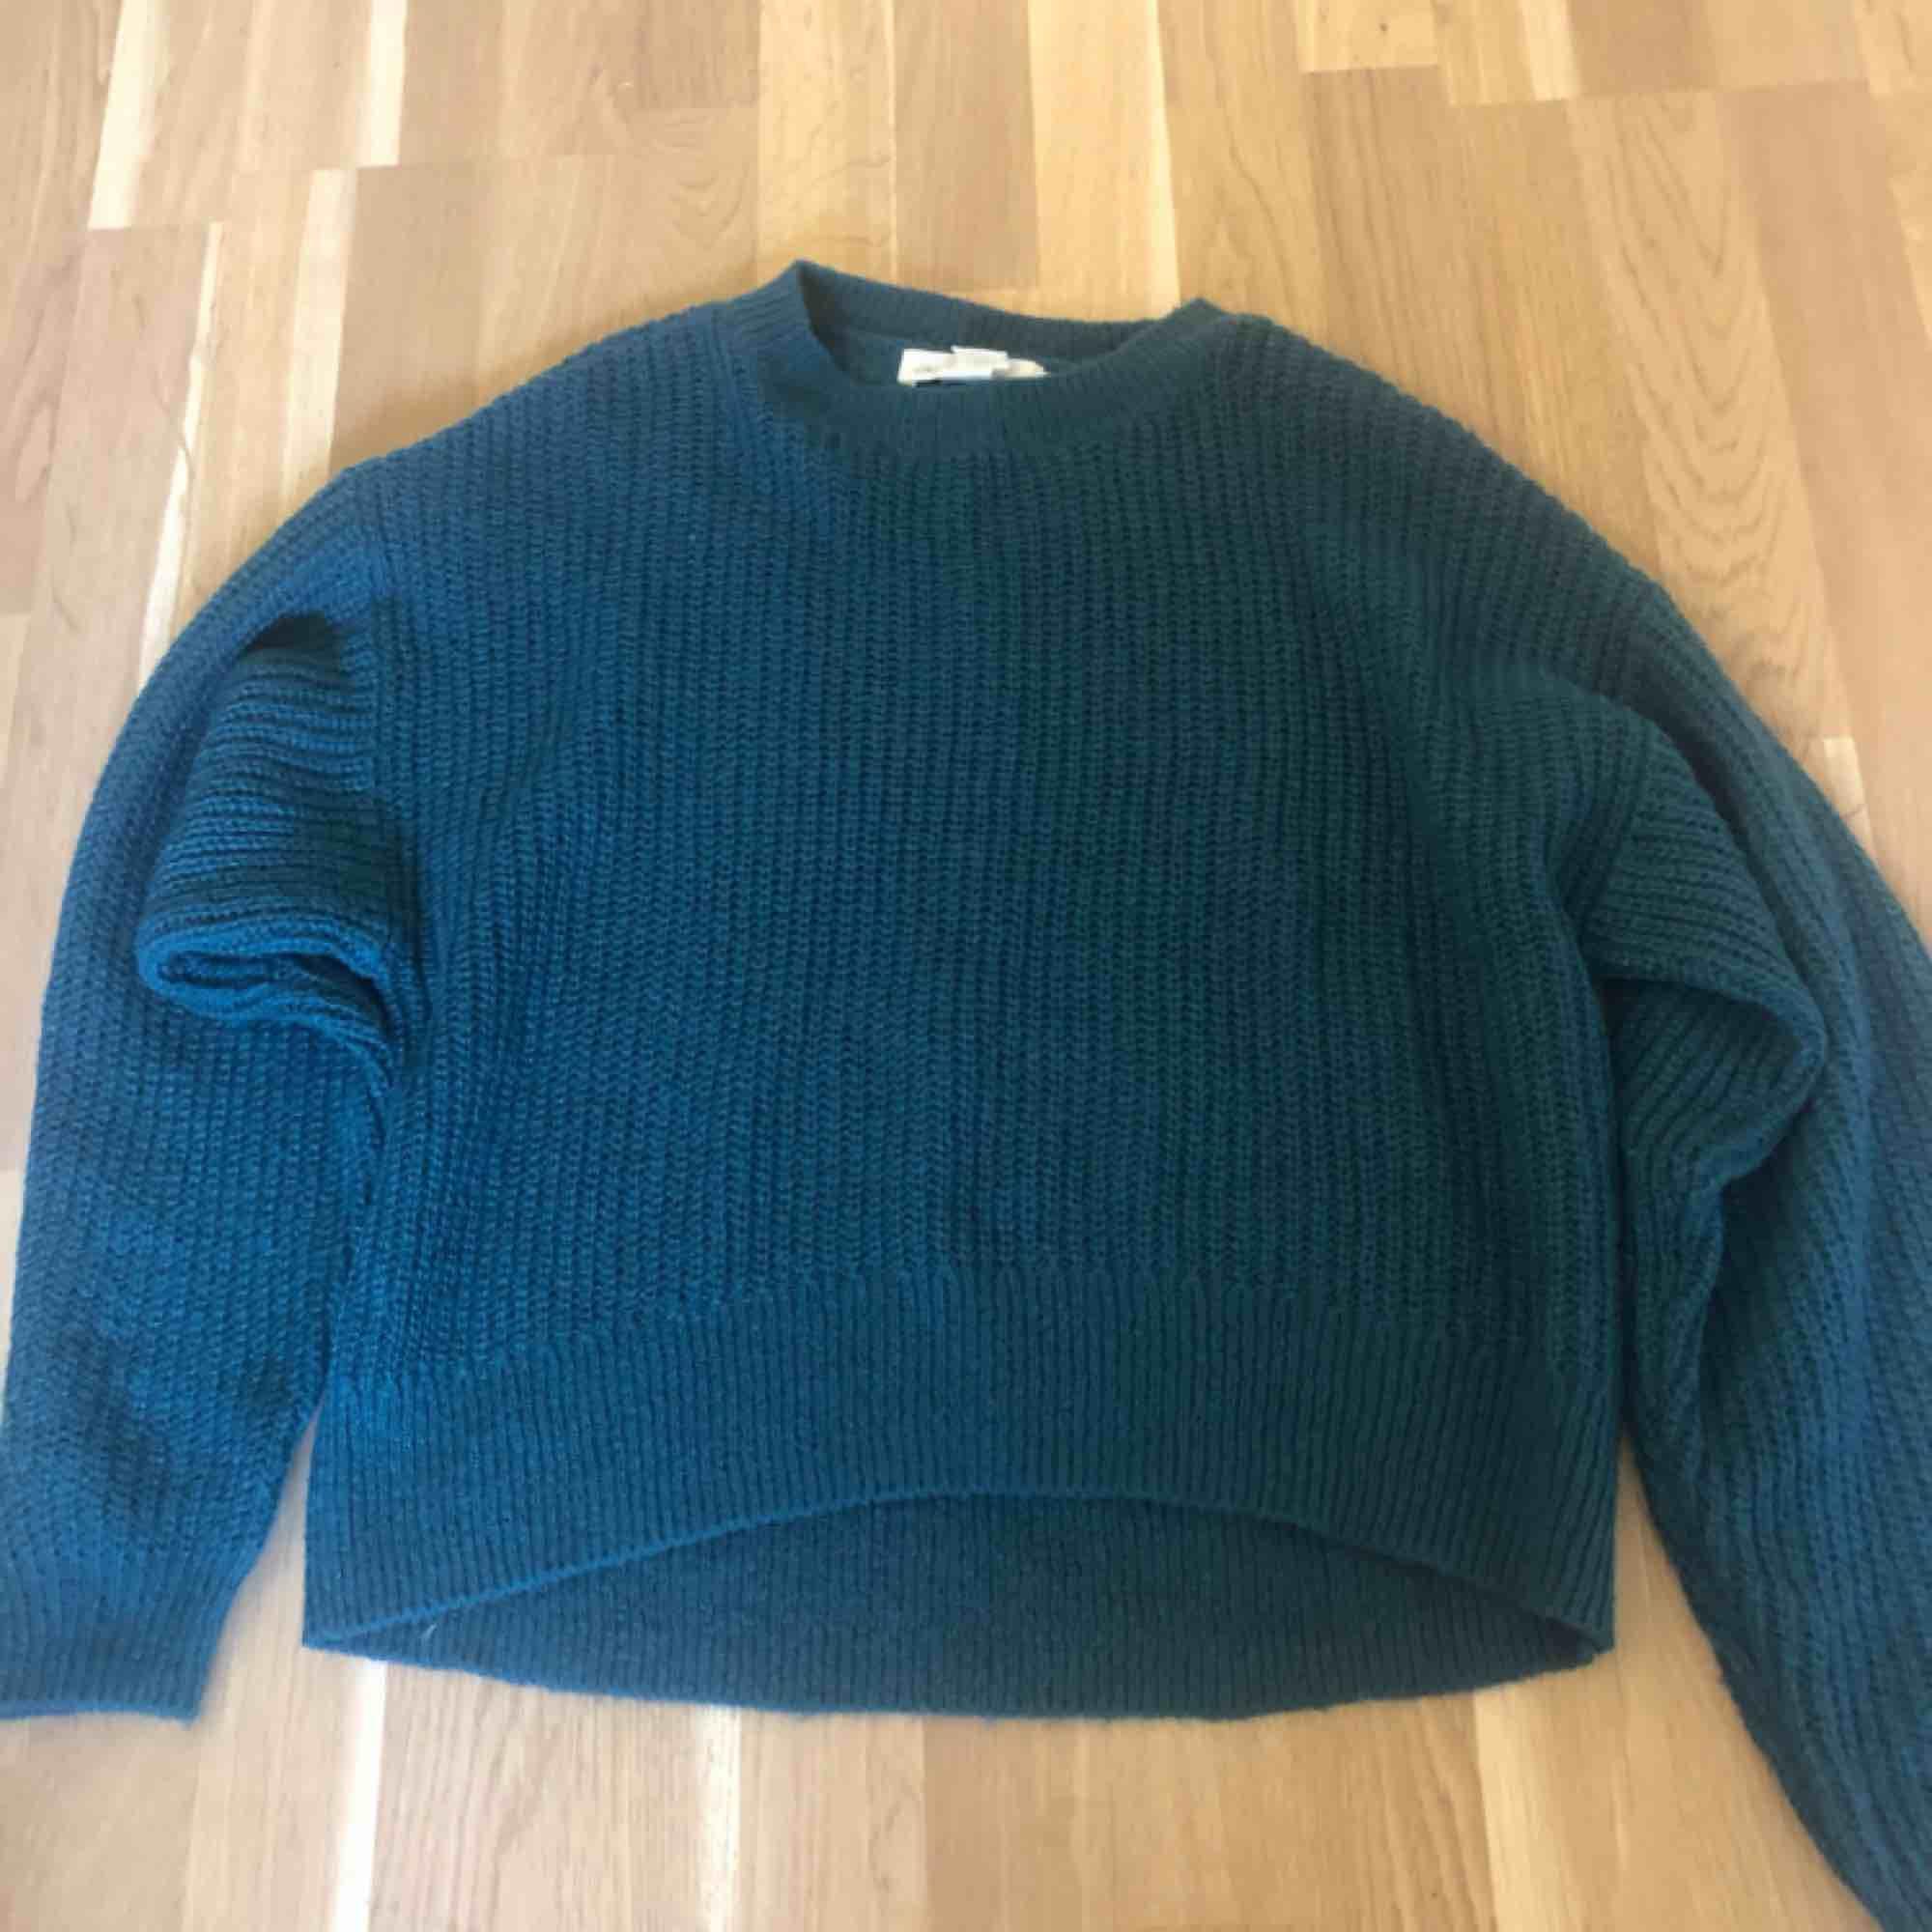 Jättefin stickad tröja från H&M använd 2/3 gånger och är i väldigt bra skick! Pris kan diskuteras och köparen står för frakten. Perfekt nu när hösten kommer!. Stickat.